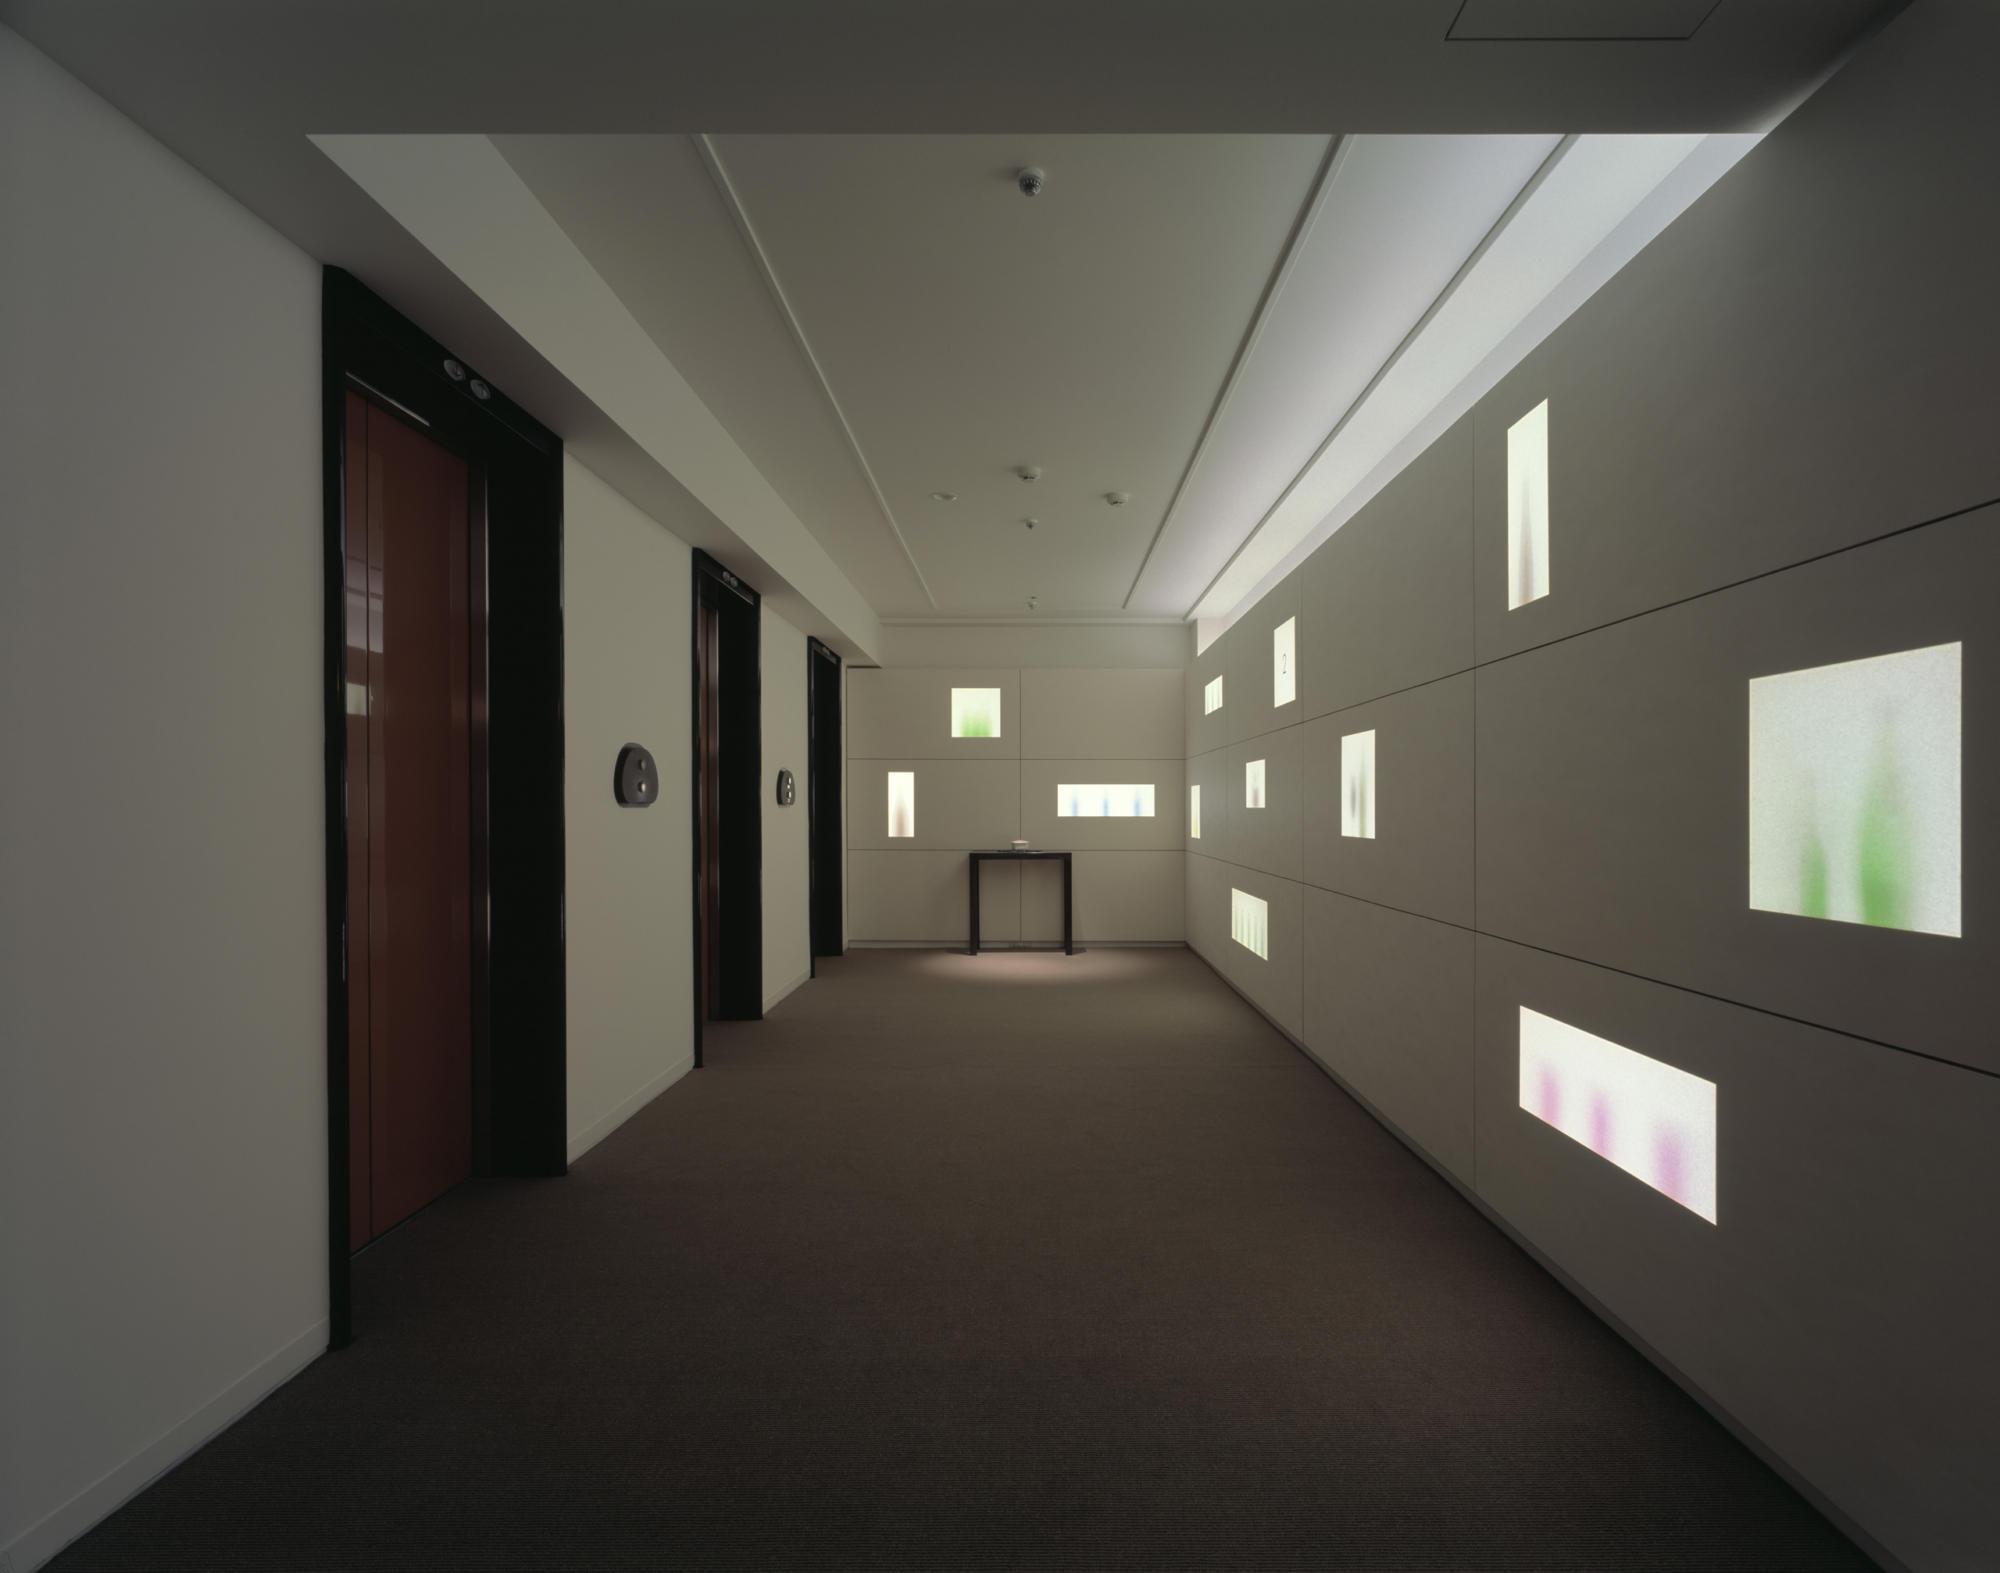 京都東急ホテル2階-3階改装 | WORKS |